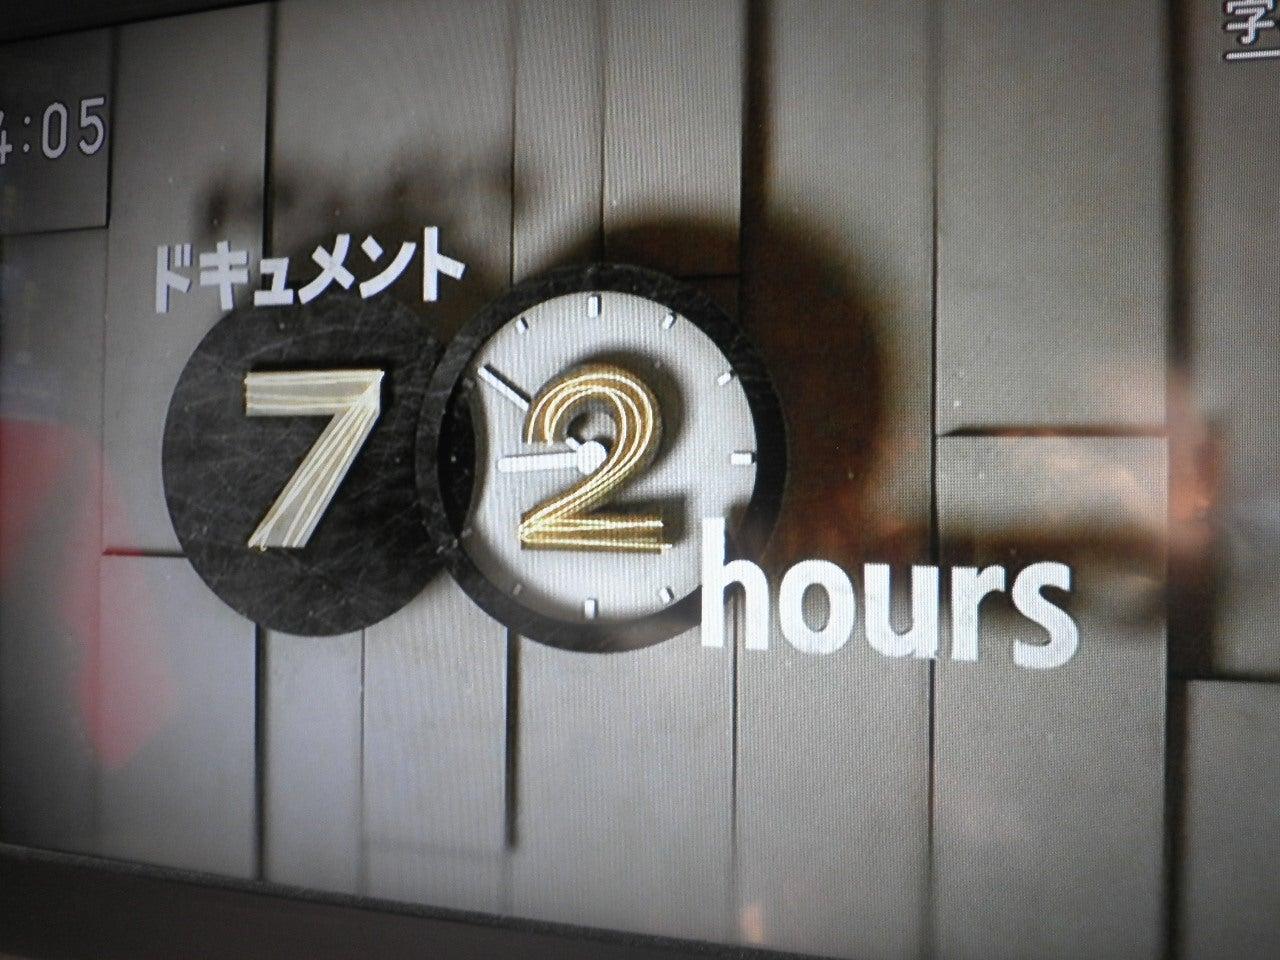 72 放送 再 ドキュメント 時間